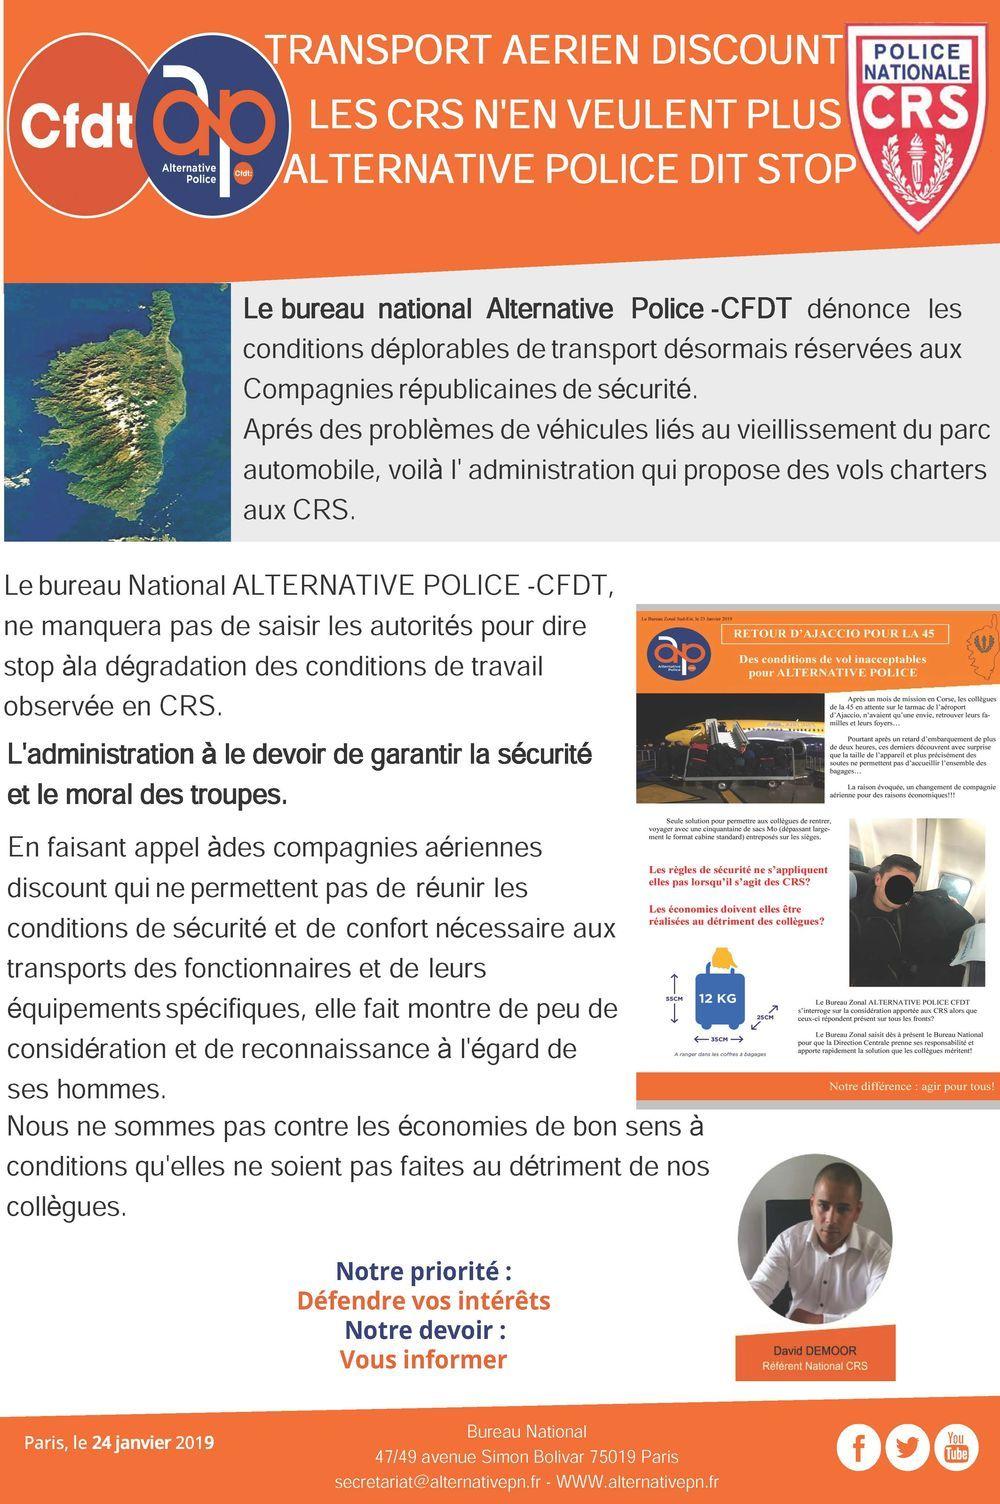 Transport des CRS en Corse